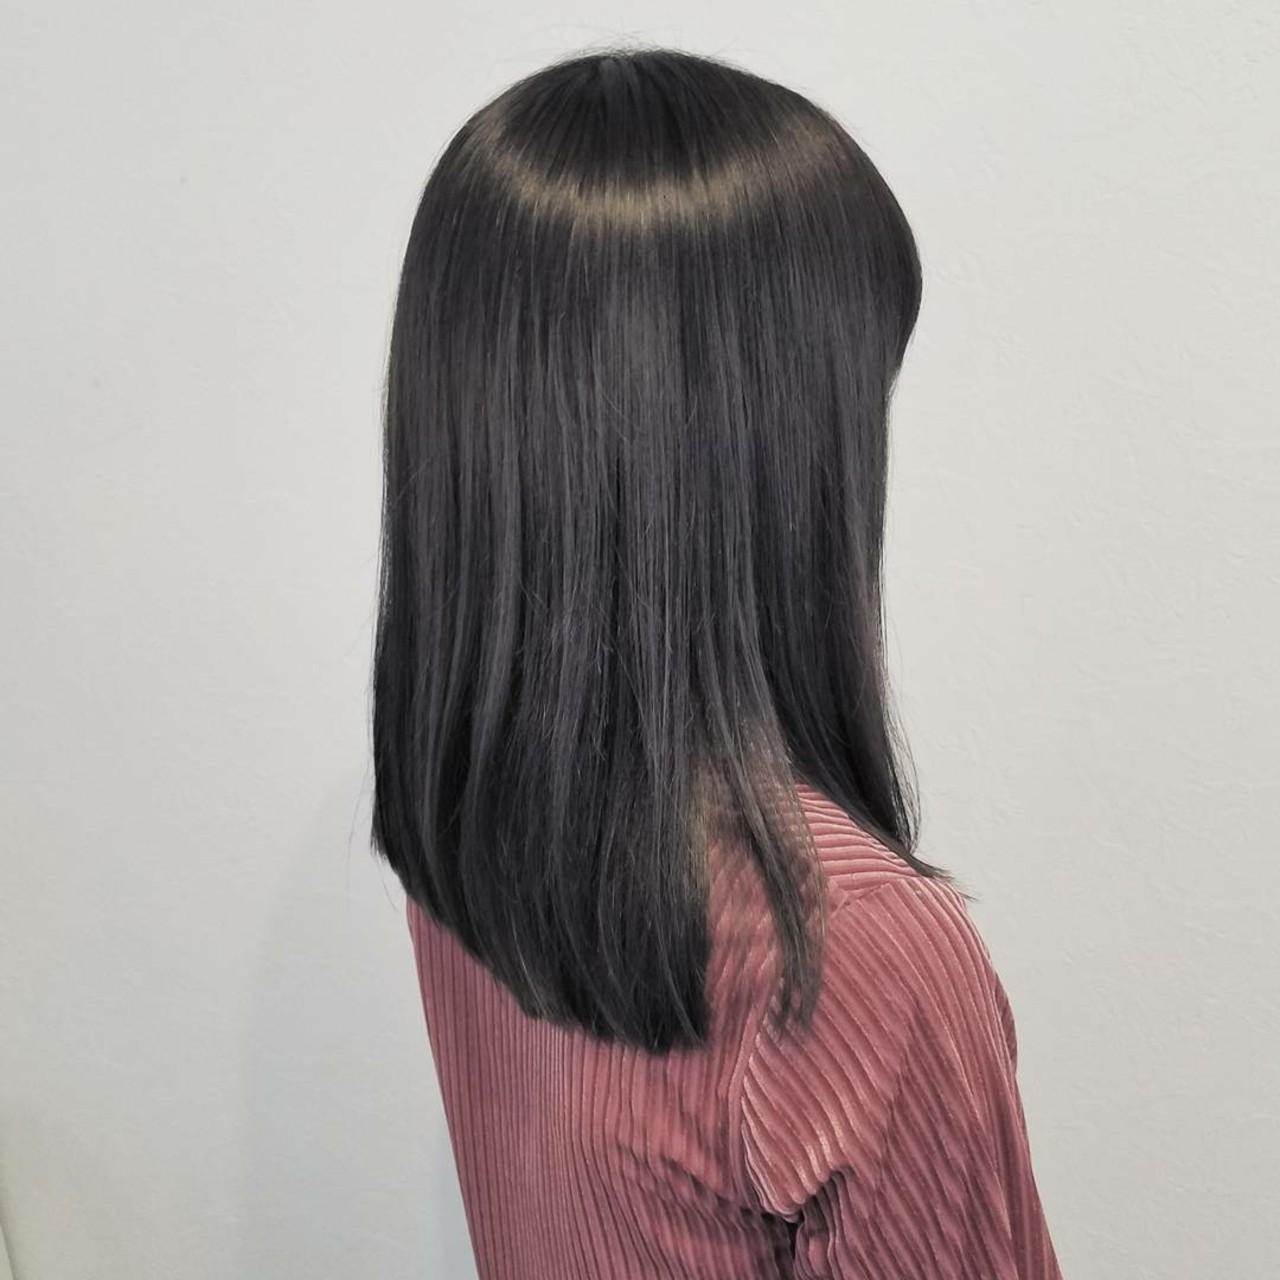 大人かわいい オフィス ナチュラル 秋 ヘアスタイルや髪型の写真・画像 | 浅原 有輝 / rough